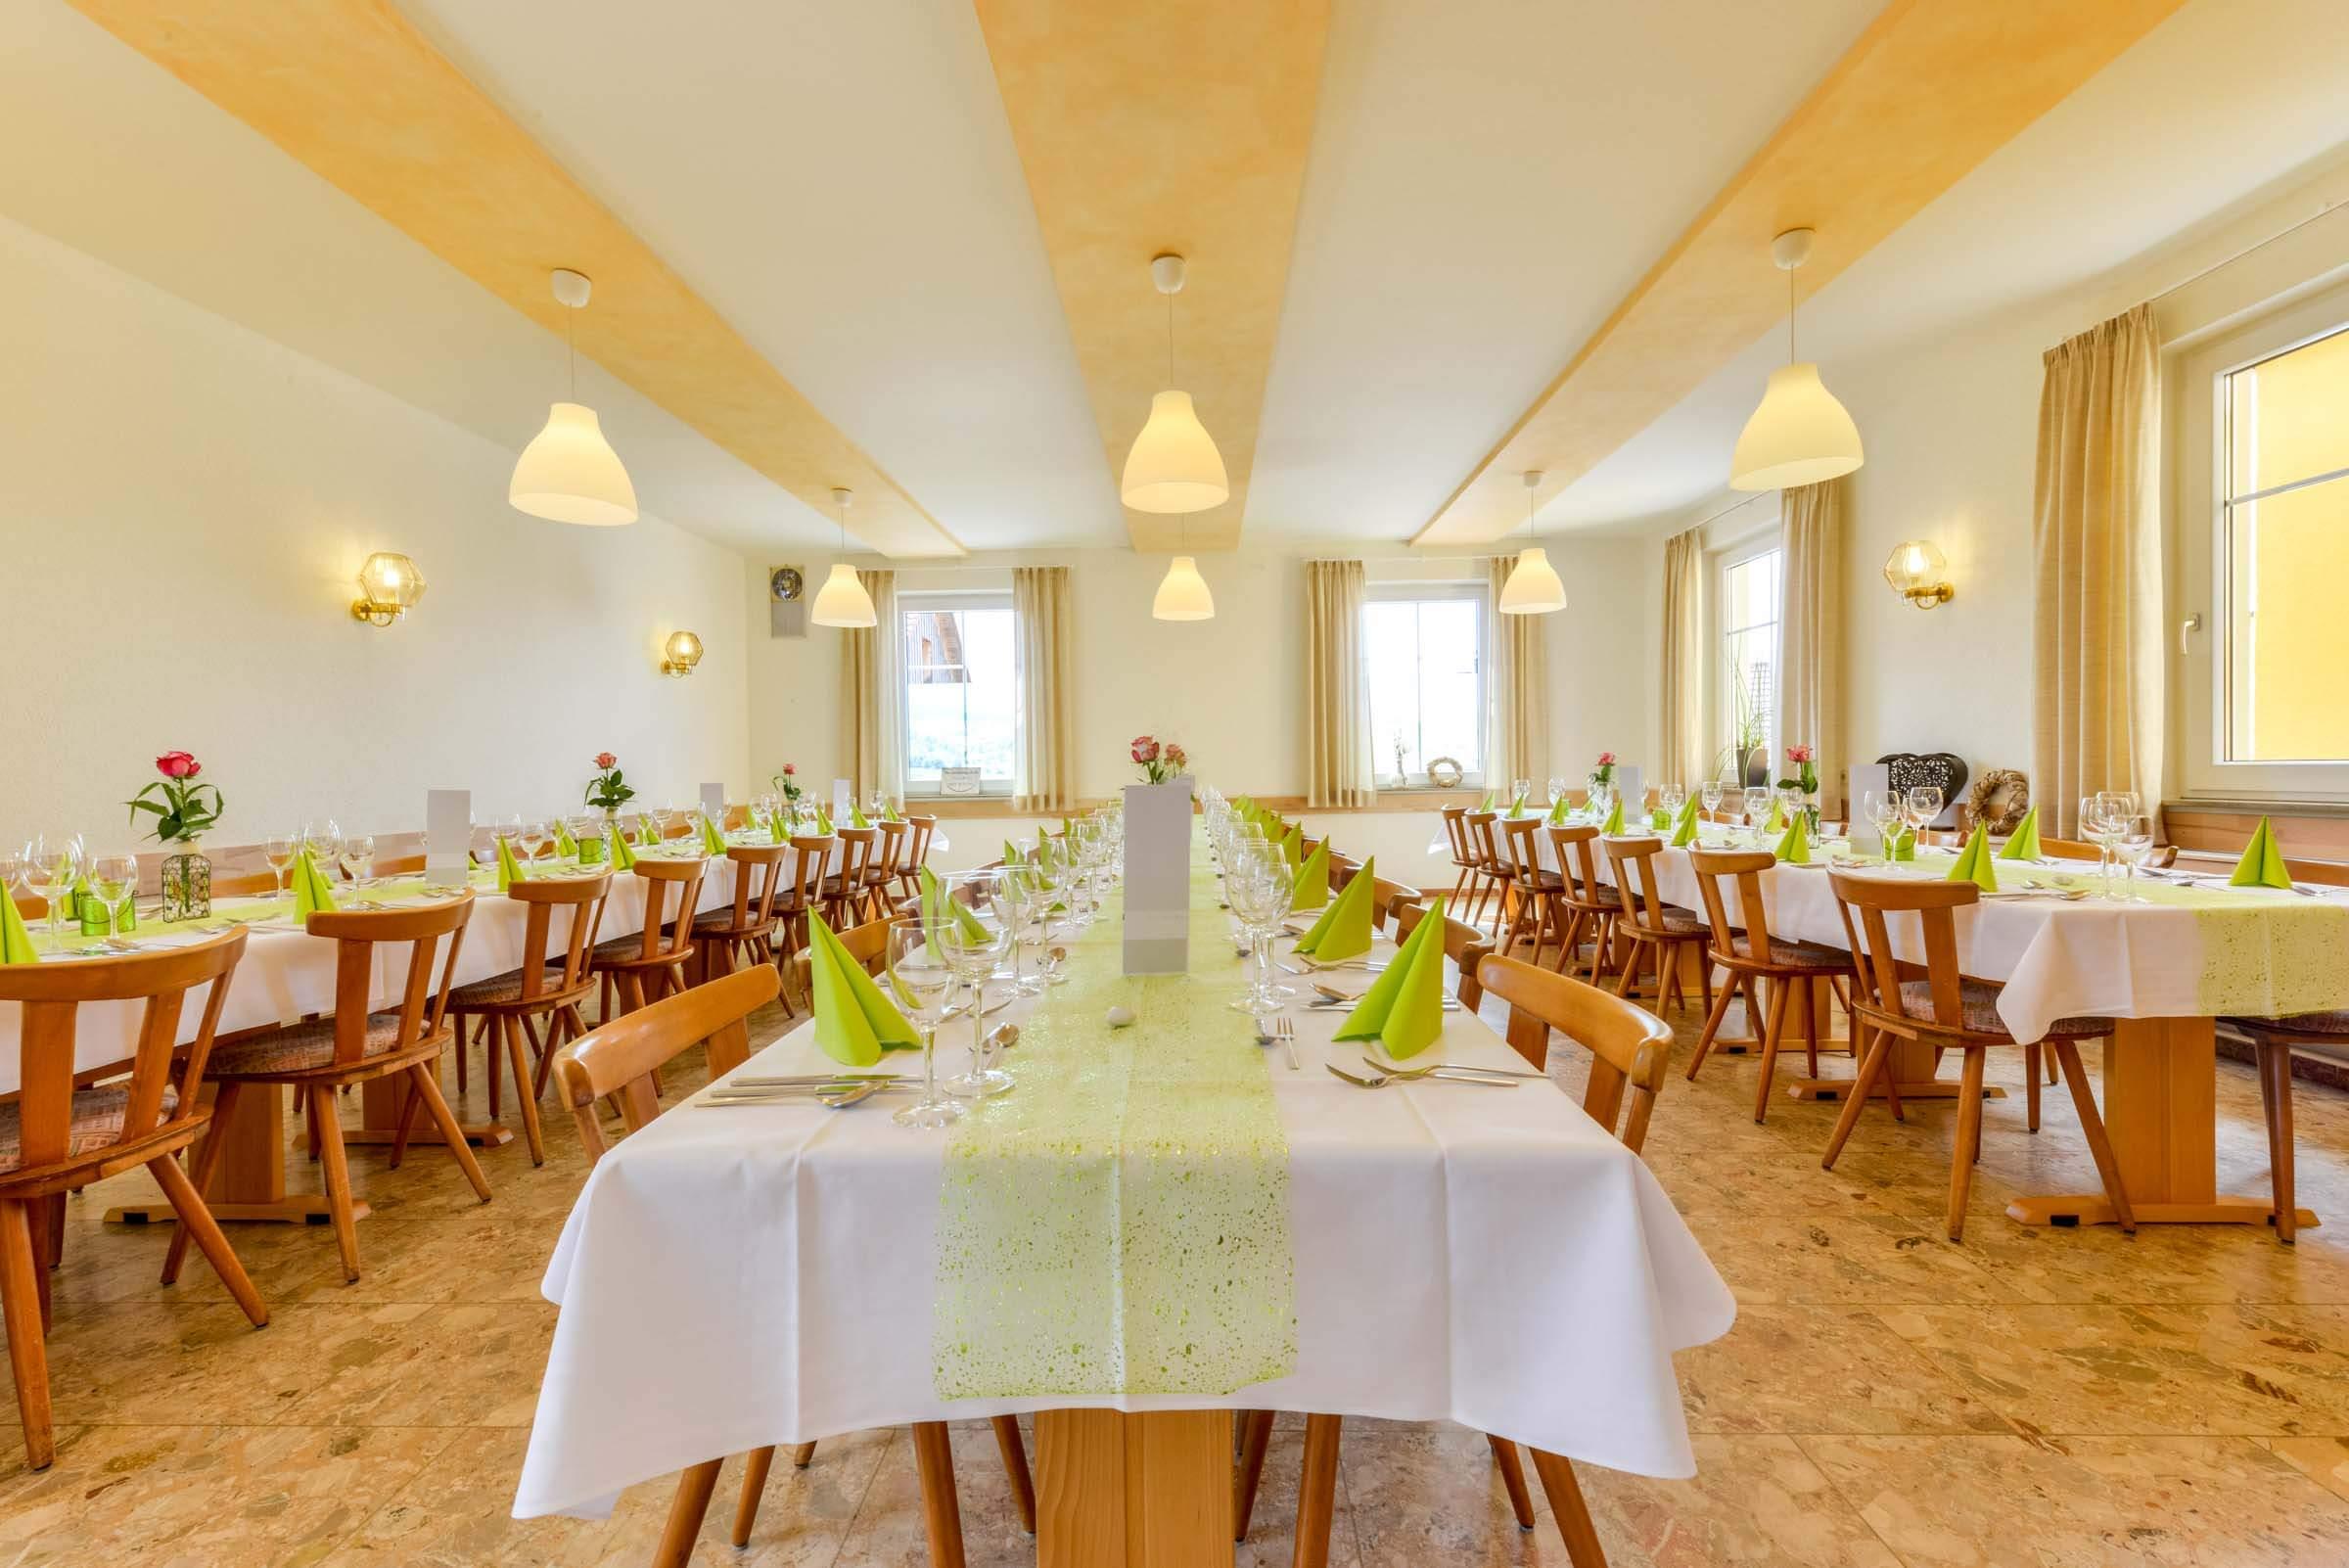 Landhotel Klozbücher Ellwangen-Eggenrot Rösselstuben